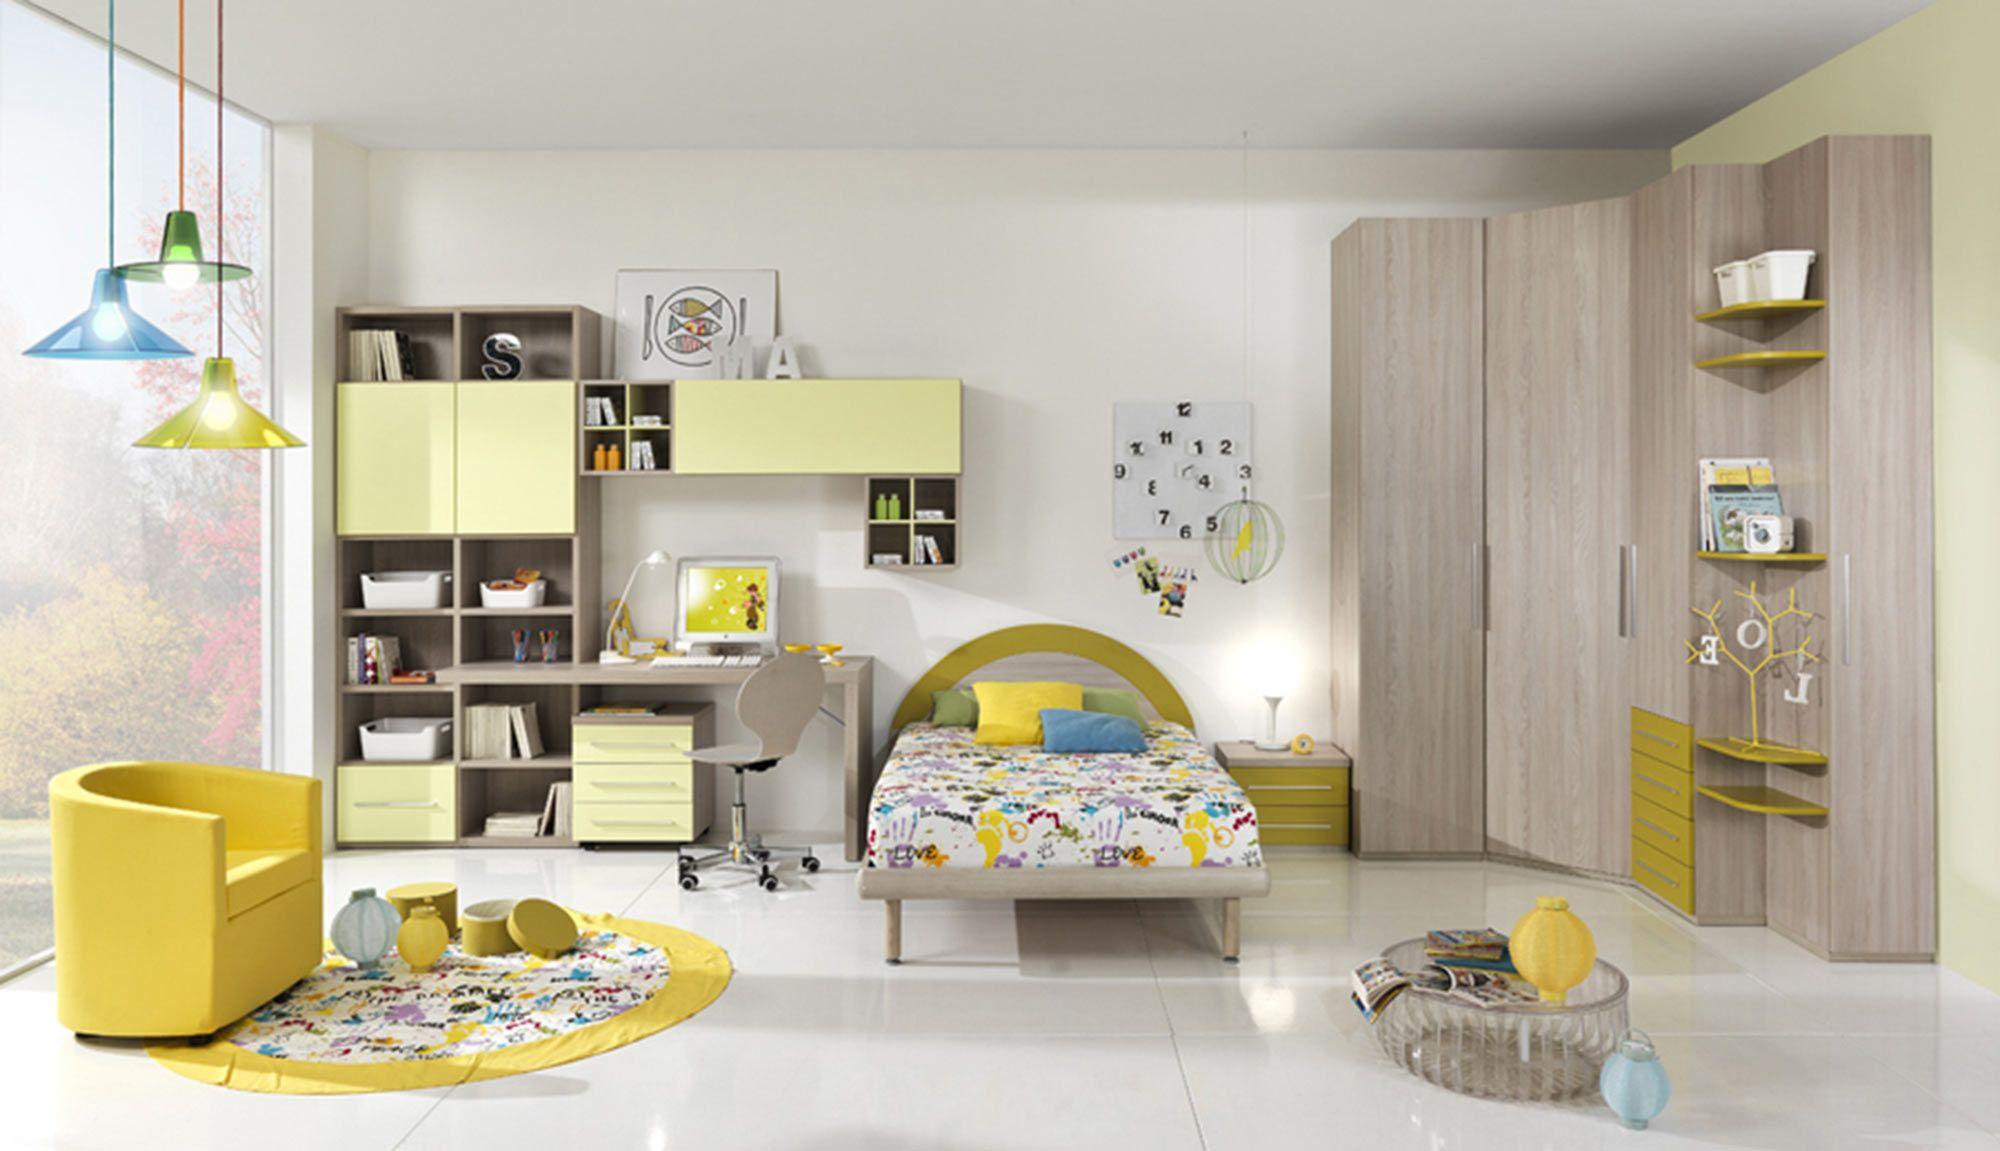 Design Camerette ~ 103 best gsg camerette images on pinterest bedroom ideas